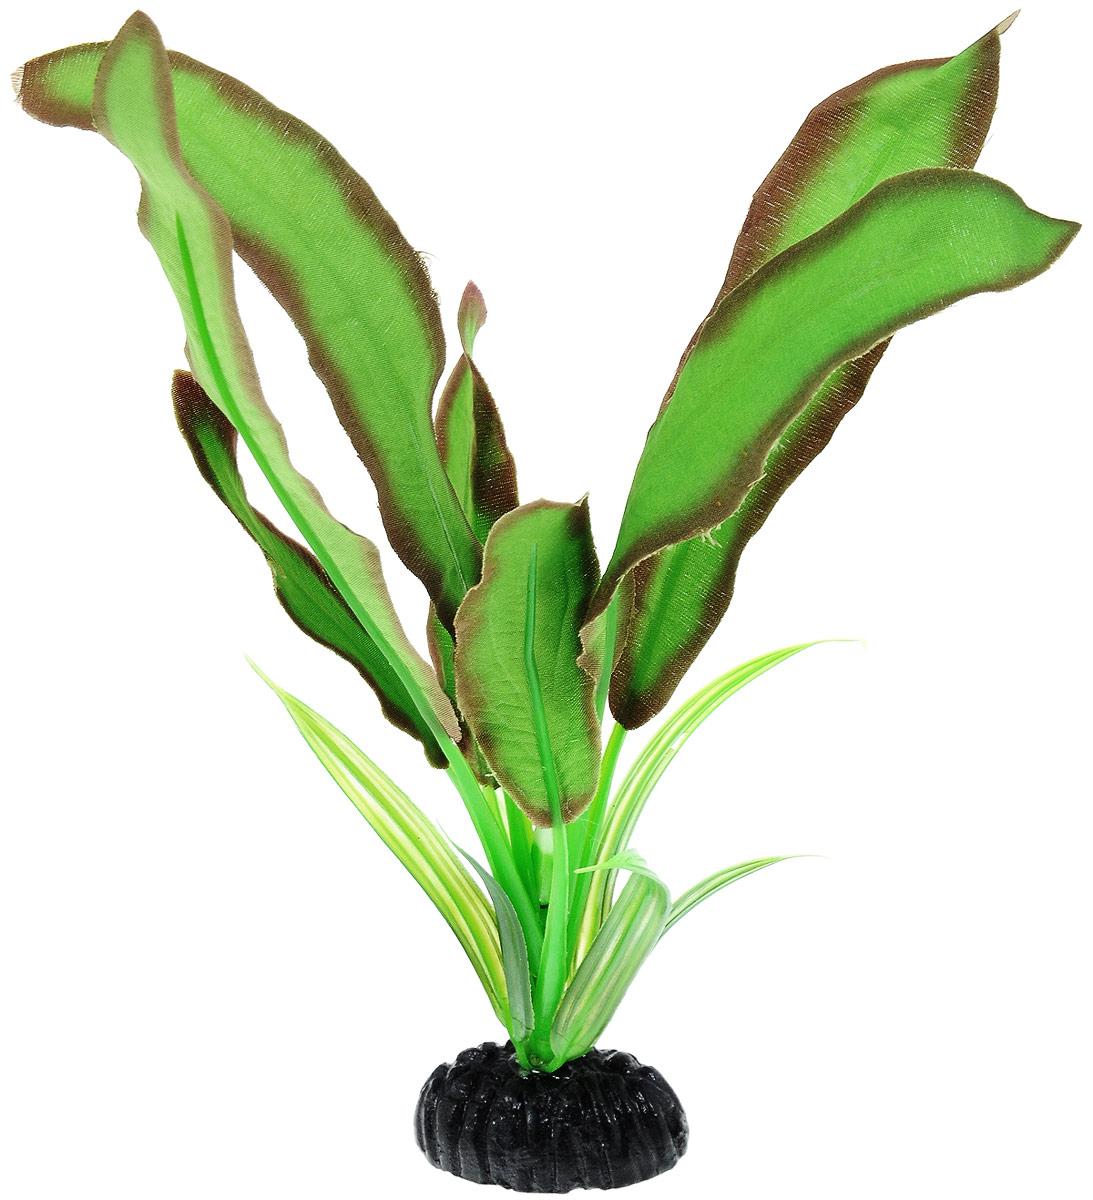 Растение для аквариума Barbus Эхинодорус Бартхи, шелковое, цвет: зеленый, коричневый, высота 20 см растение для аквариума barbus эхинодорус бартхи шелковое цвет зеленый коричневый высота 20 см